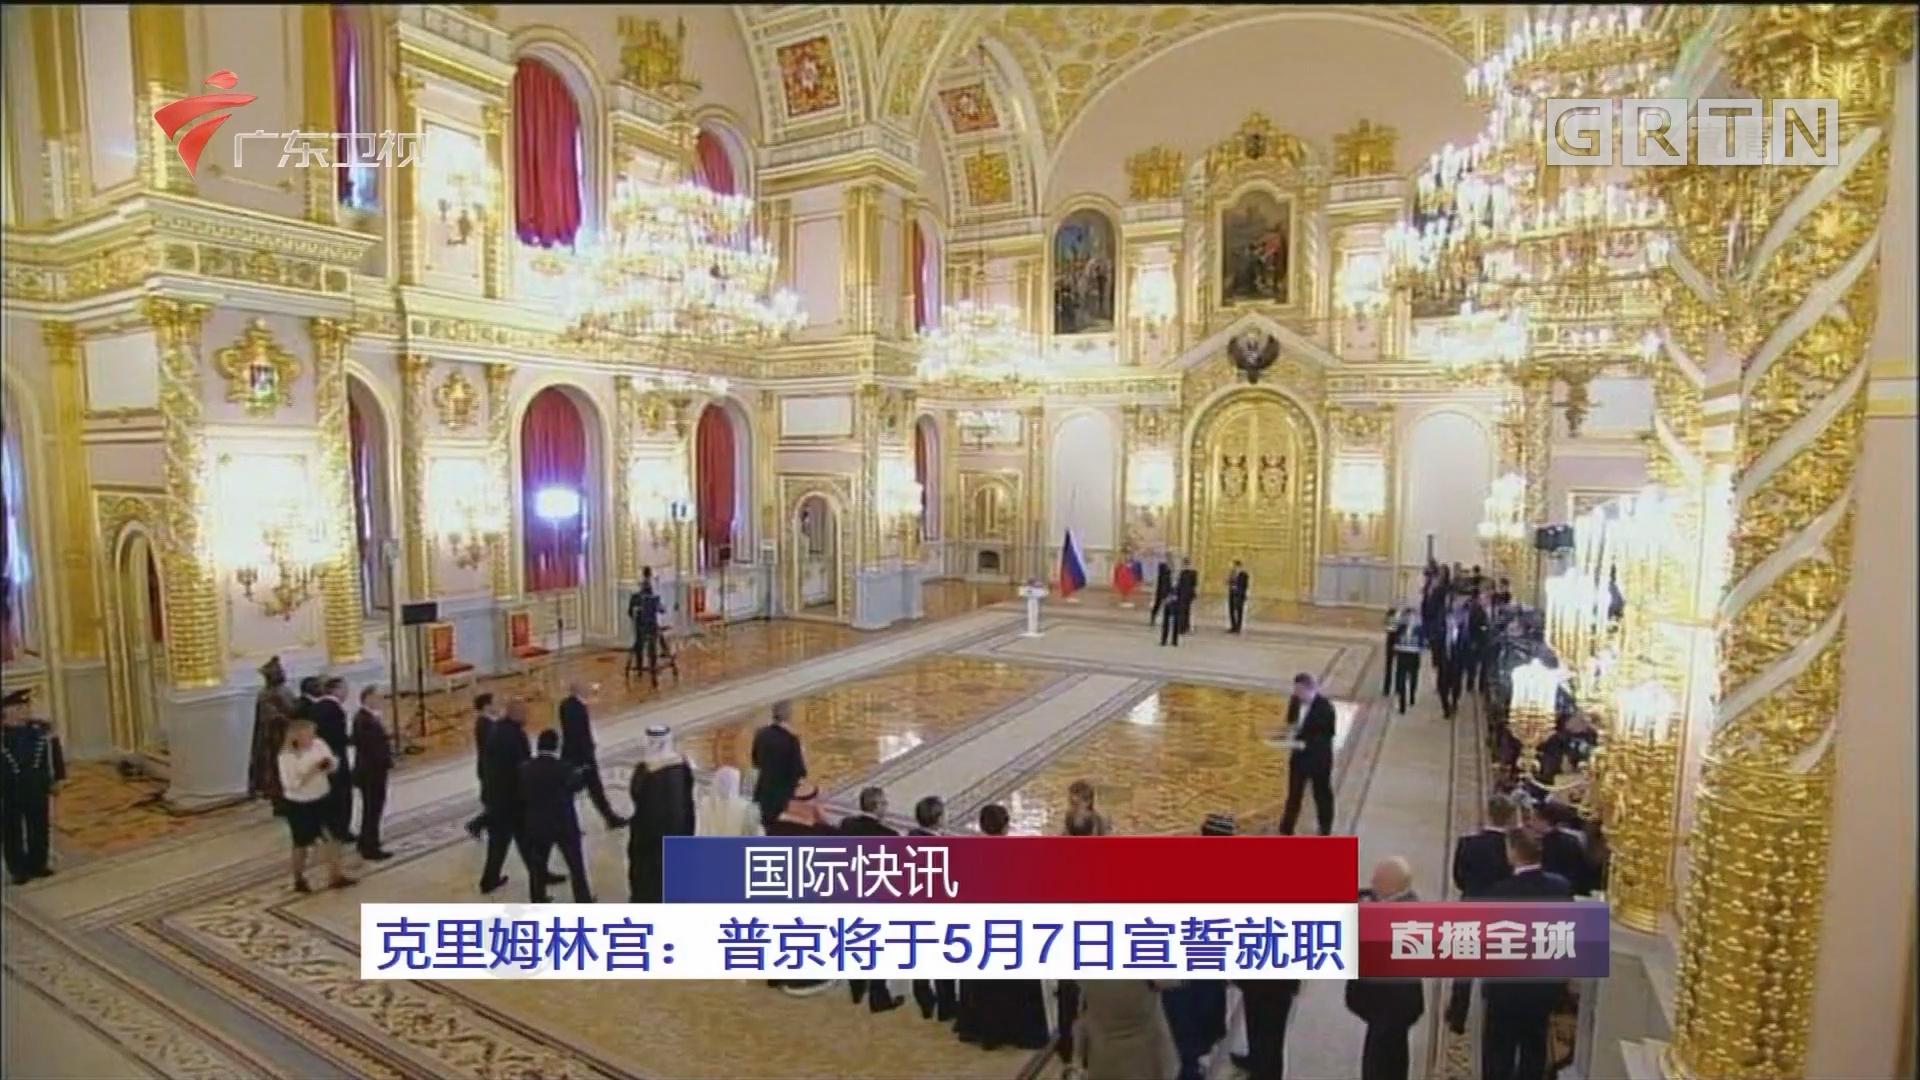 克里姆林宫:普京将于5月7日宣誓就职